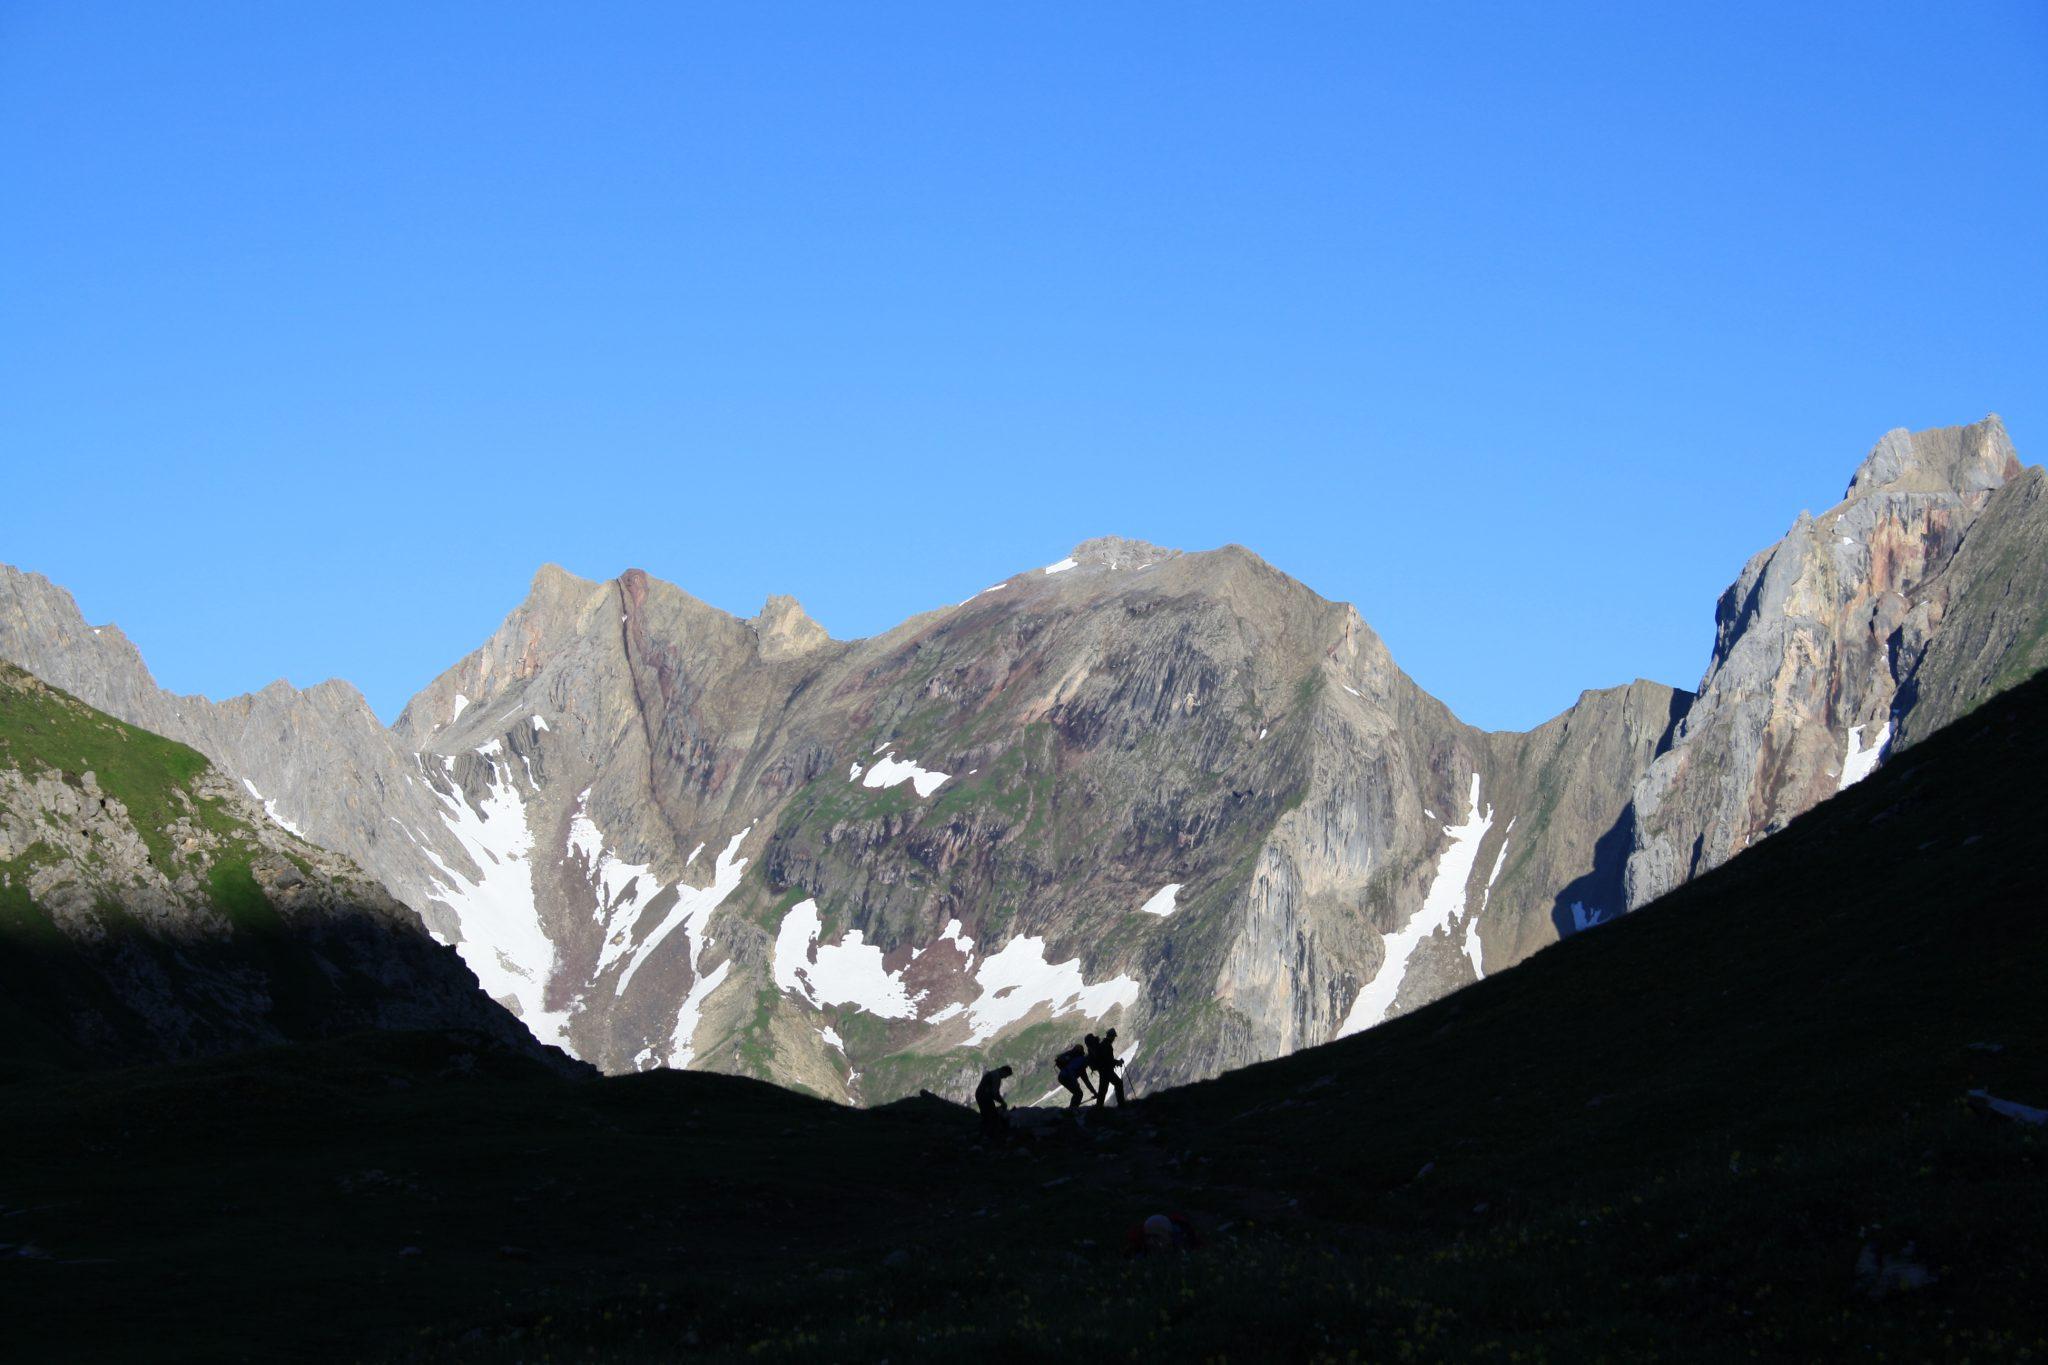 Alpen, Alpenüberquerung, E5, Memminger Hütte, Wandern, Bergwandern, Trekking